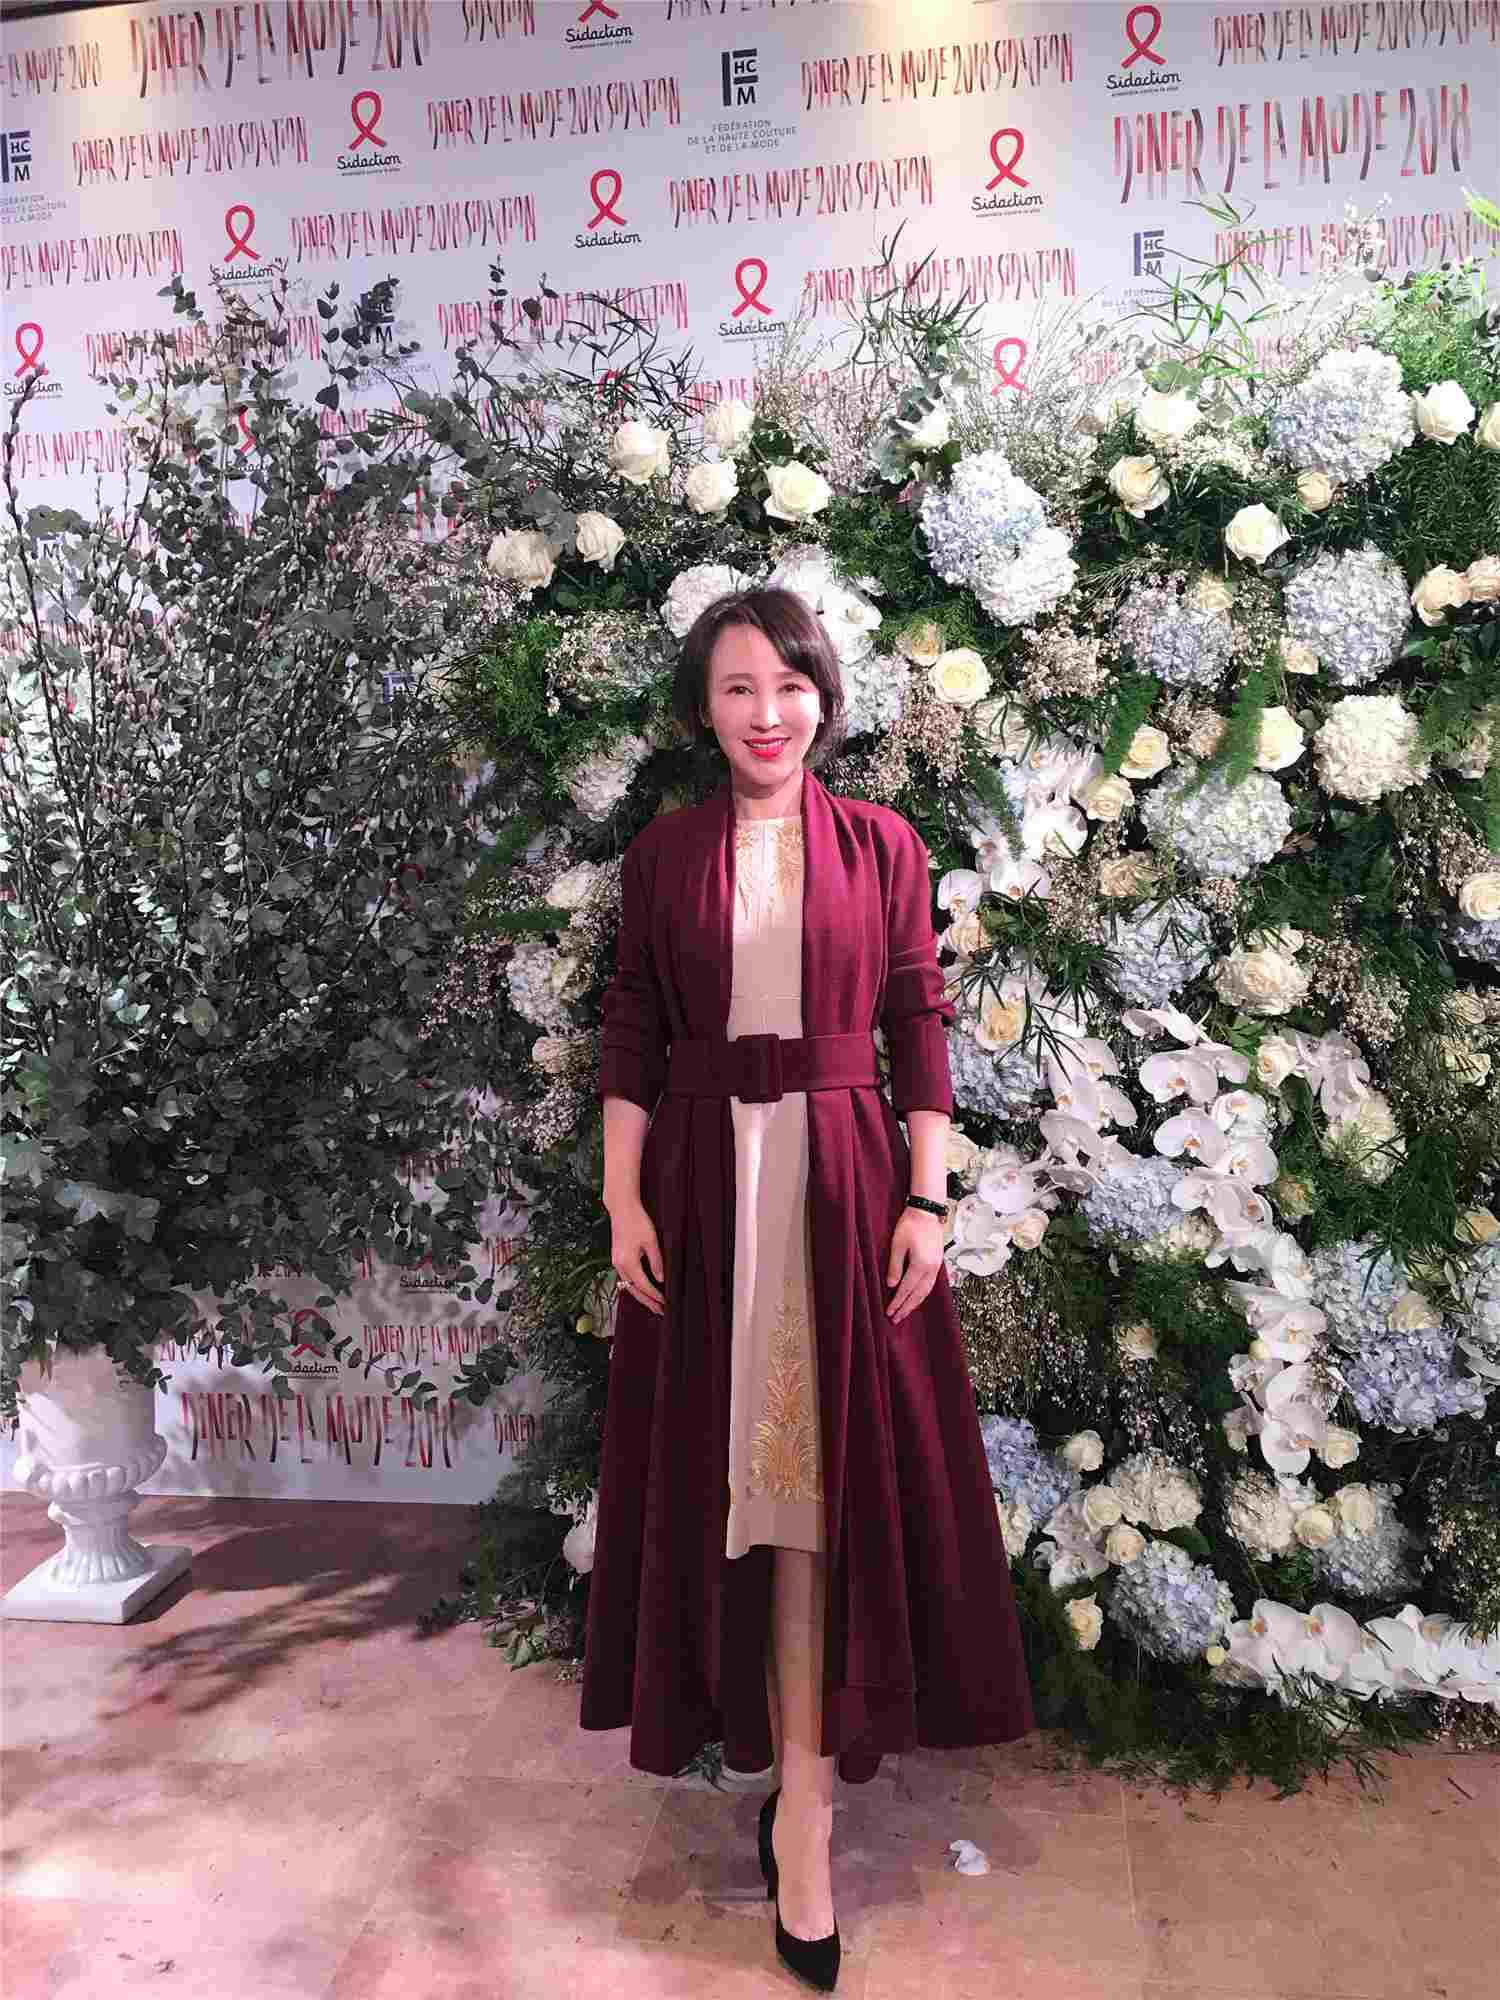 图五:岳丽娜参加慈善晚宴拍照留念.jpg